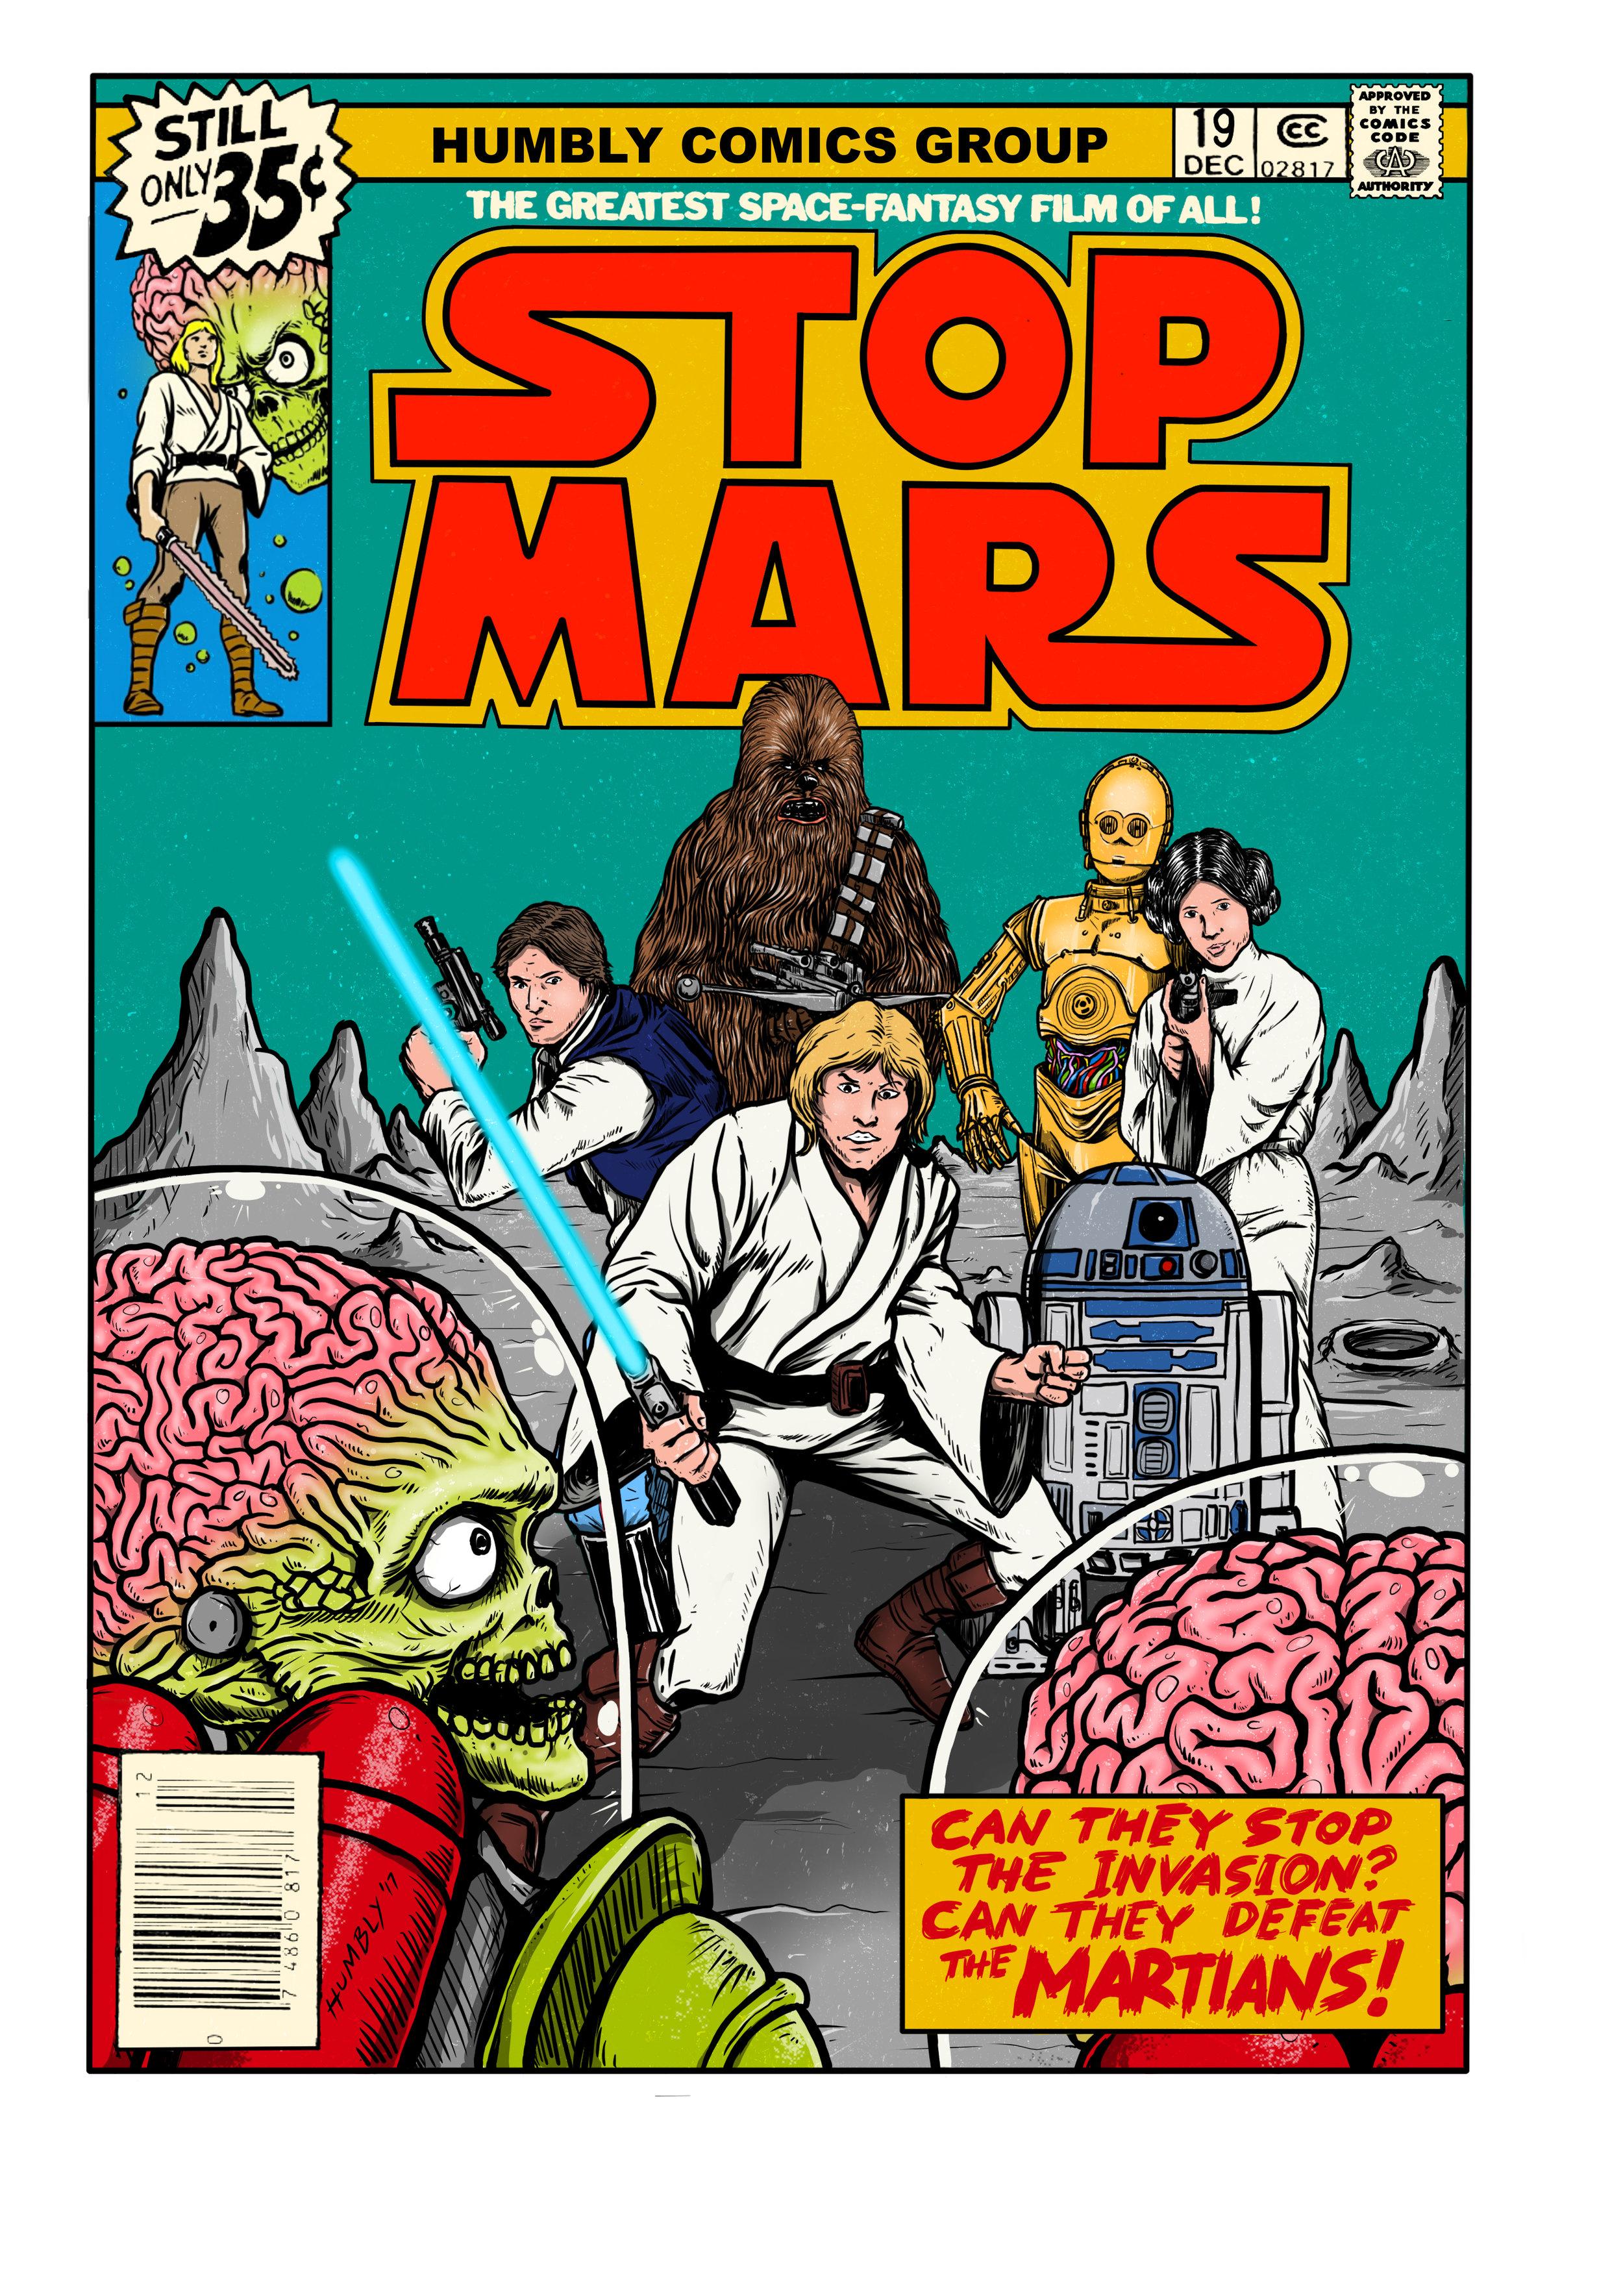 stopmars (1)_NEW.jpg